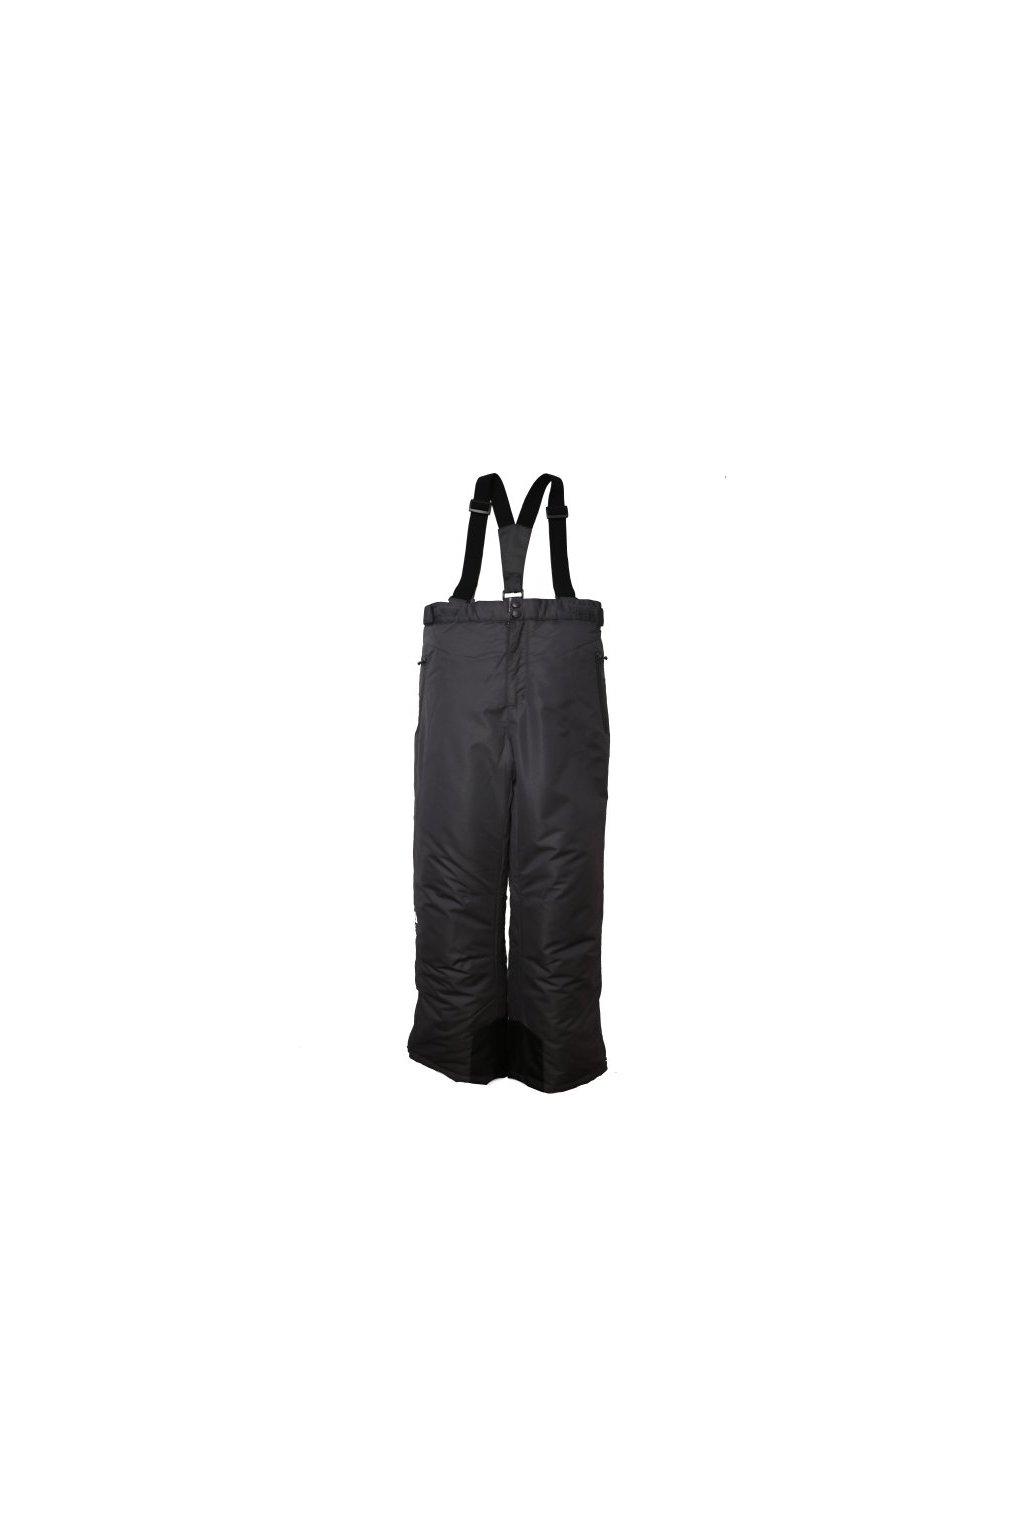 Dětské lyžařské kalhoty HB07-M2